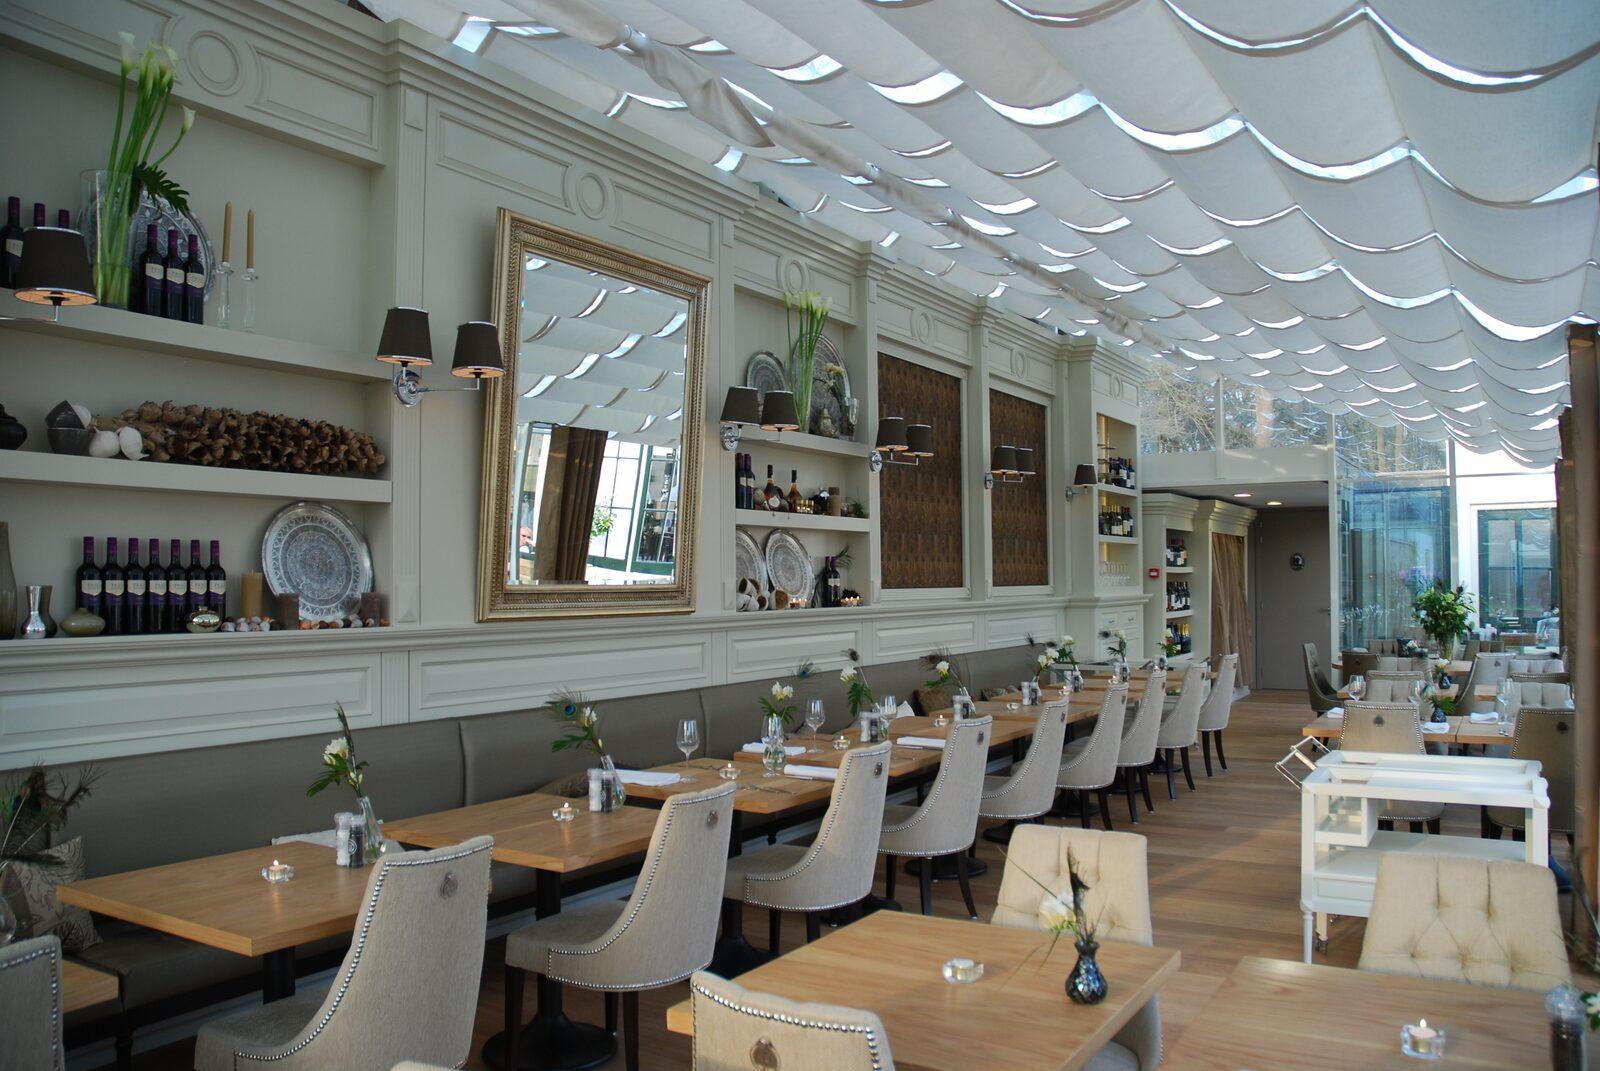 🏰 Brasserie Staverden